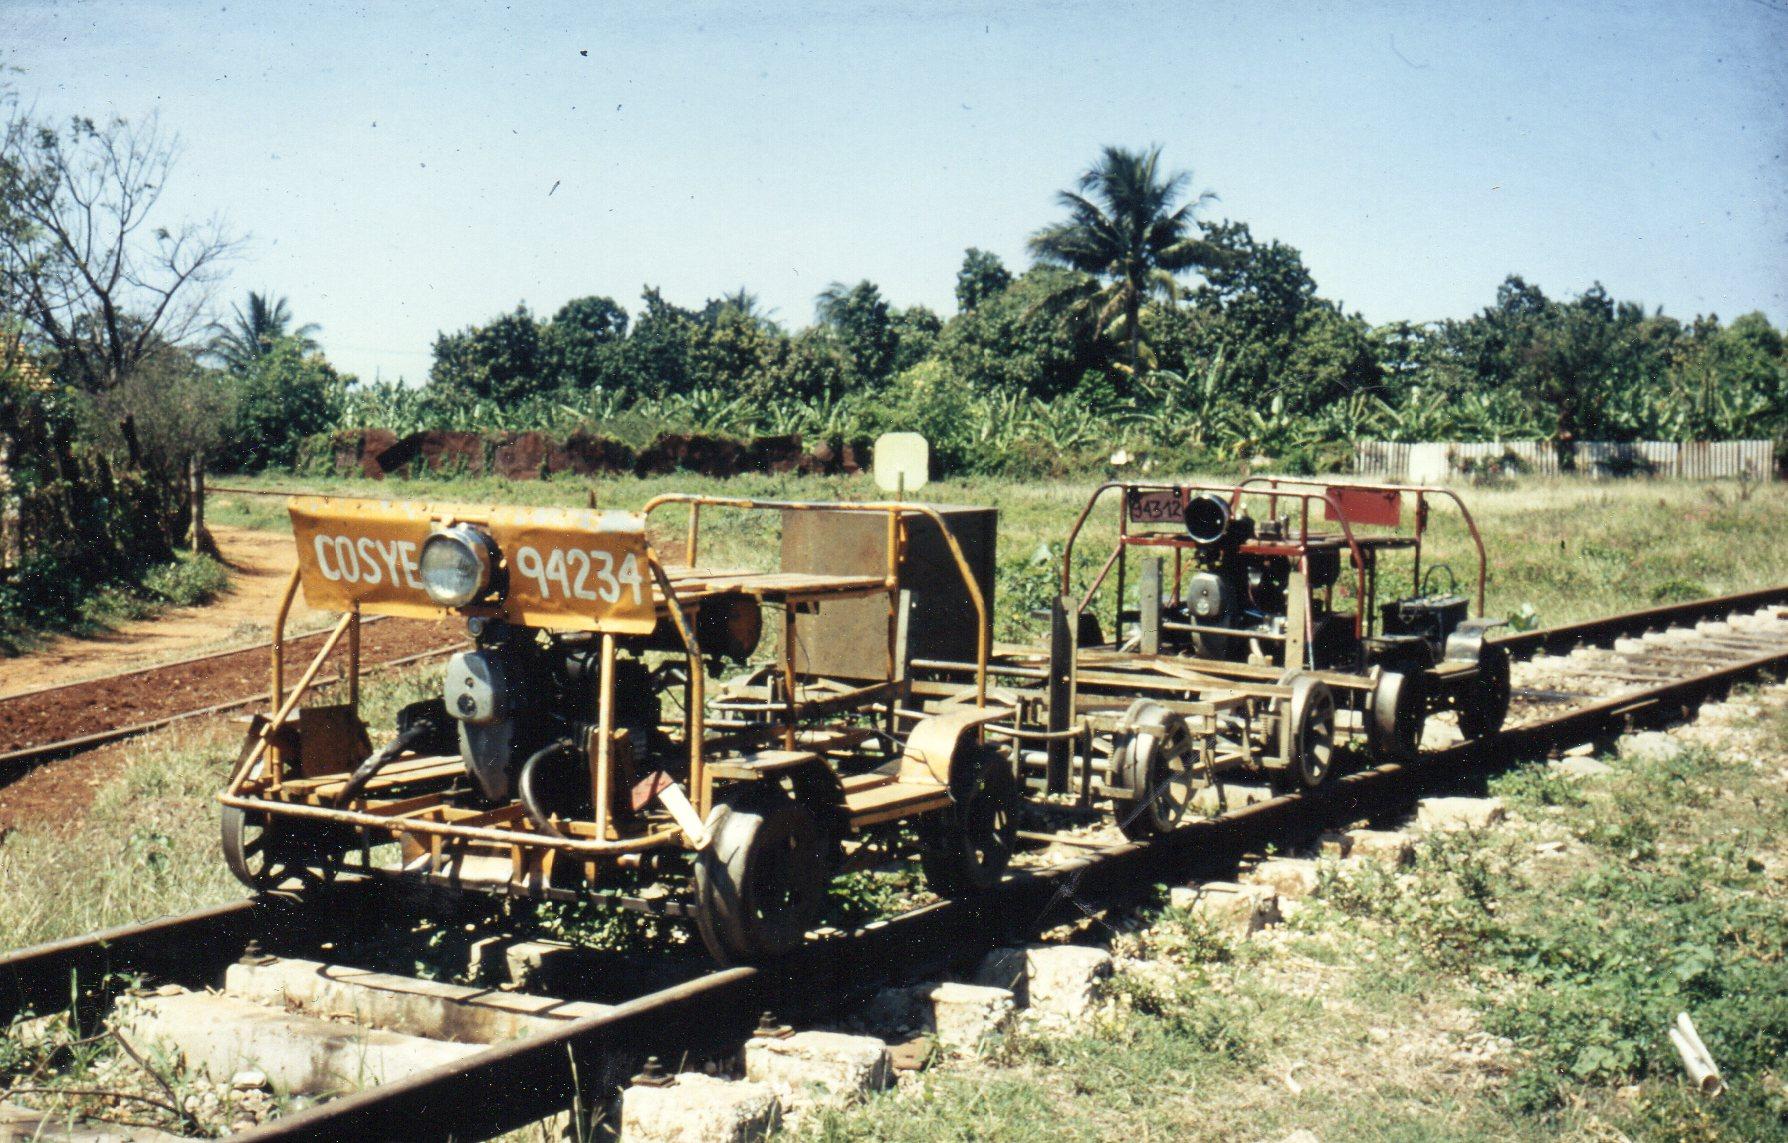 Et par dræsiner i Trinidad. Desuden ses en vendetrekant. Vi så ofte mandskabstransporter på sådanne dræsiner.